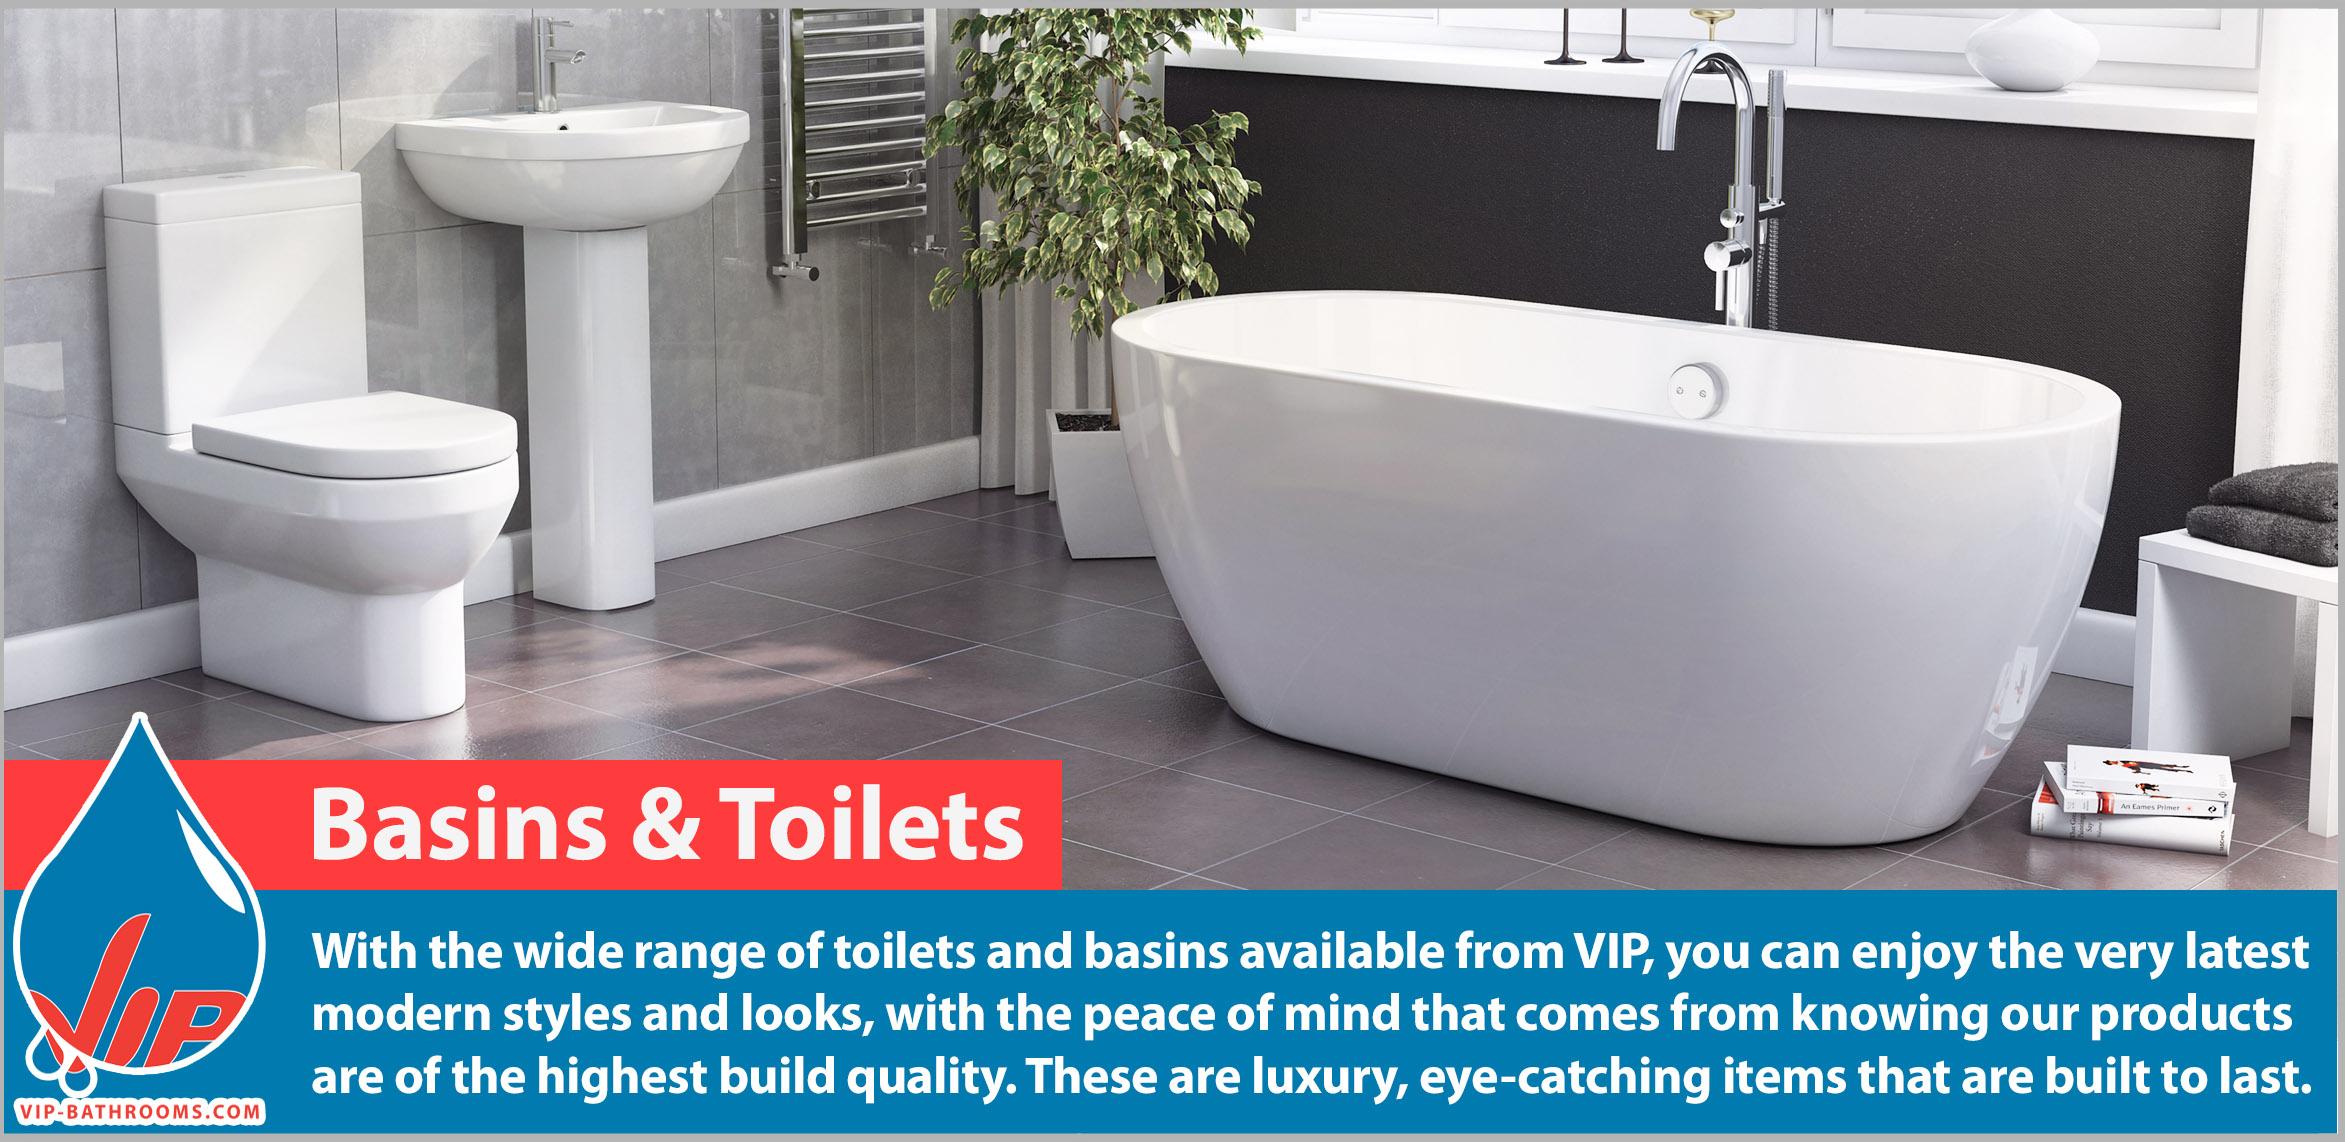 Basins & Toilets   VIP-Bathrooms.com